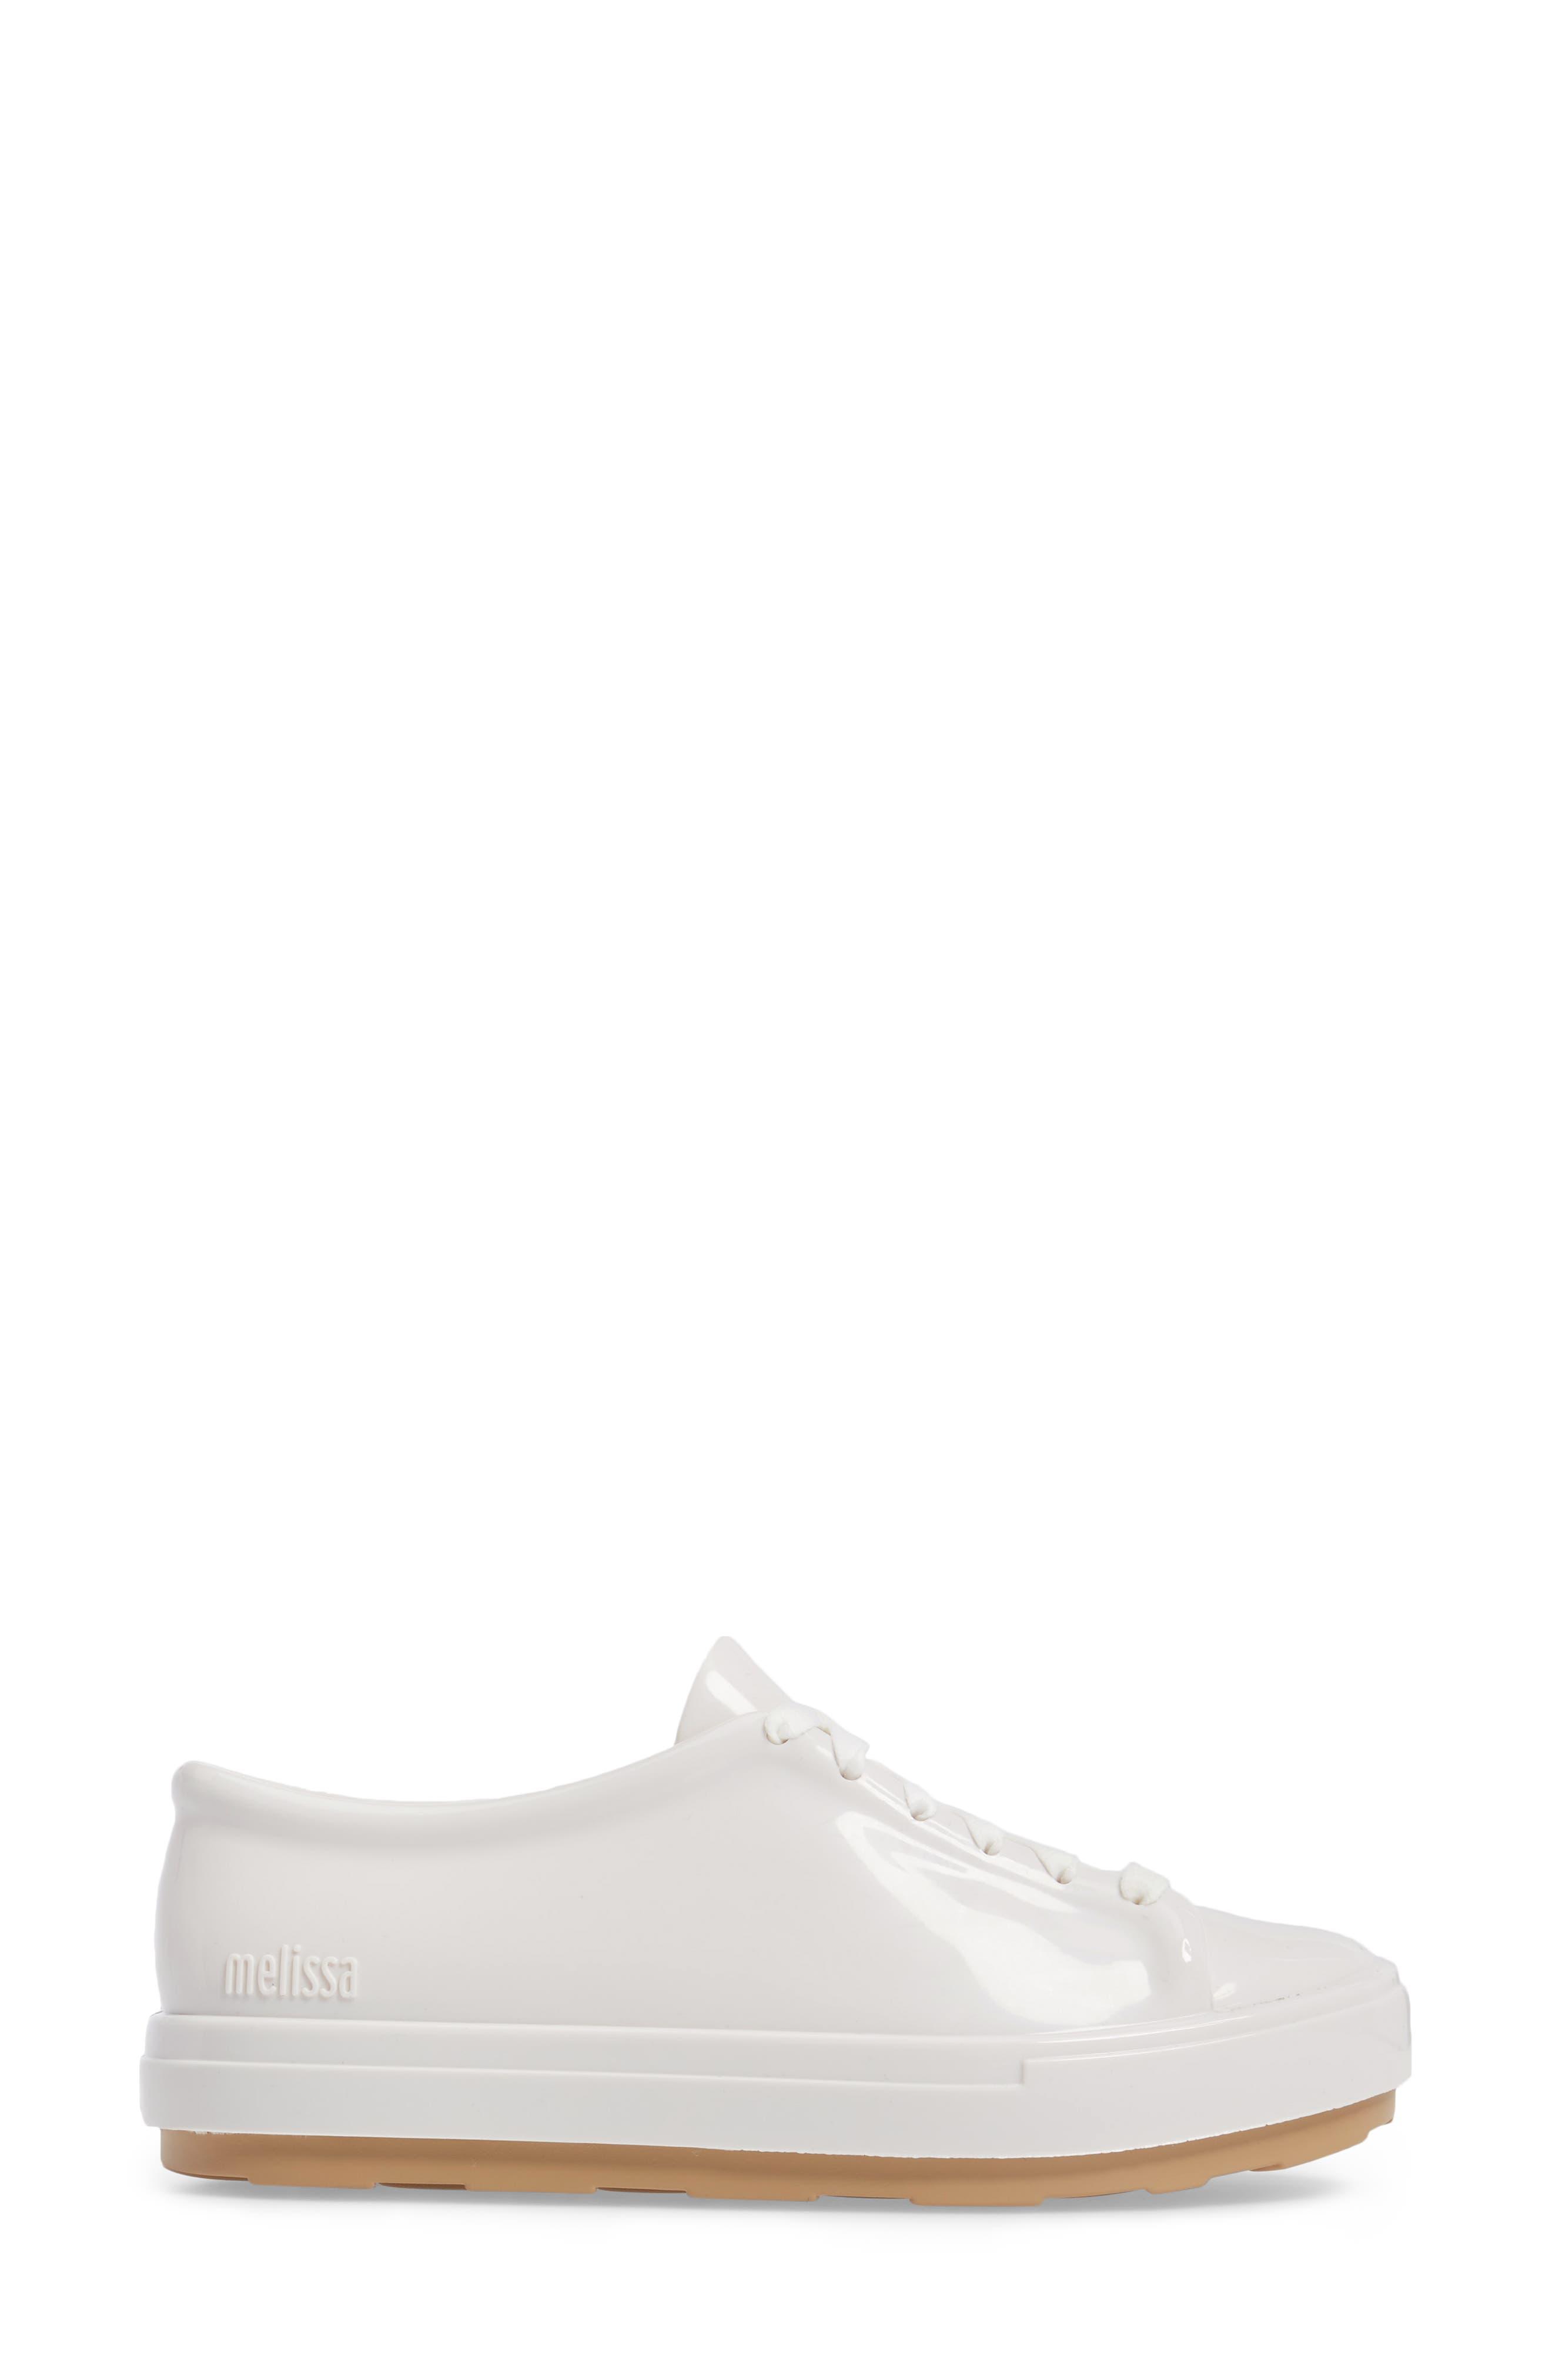 Alternate Image 3  - Melissa Be Sneaker (Women)